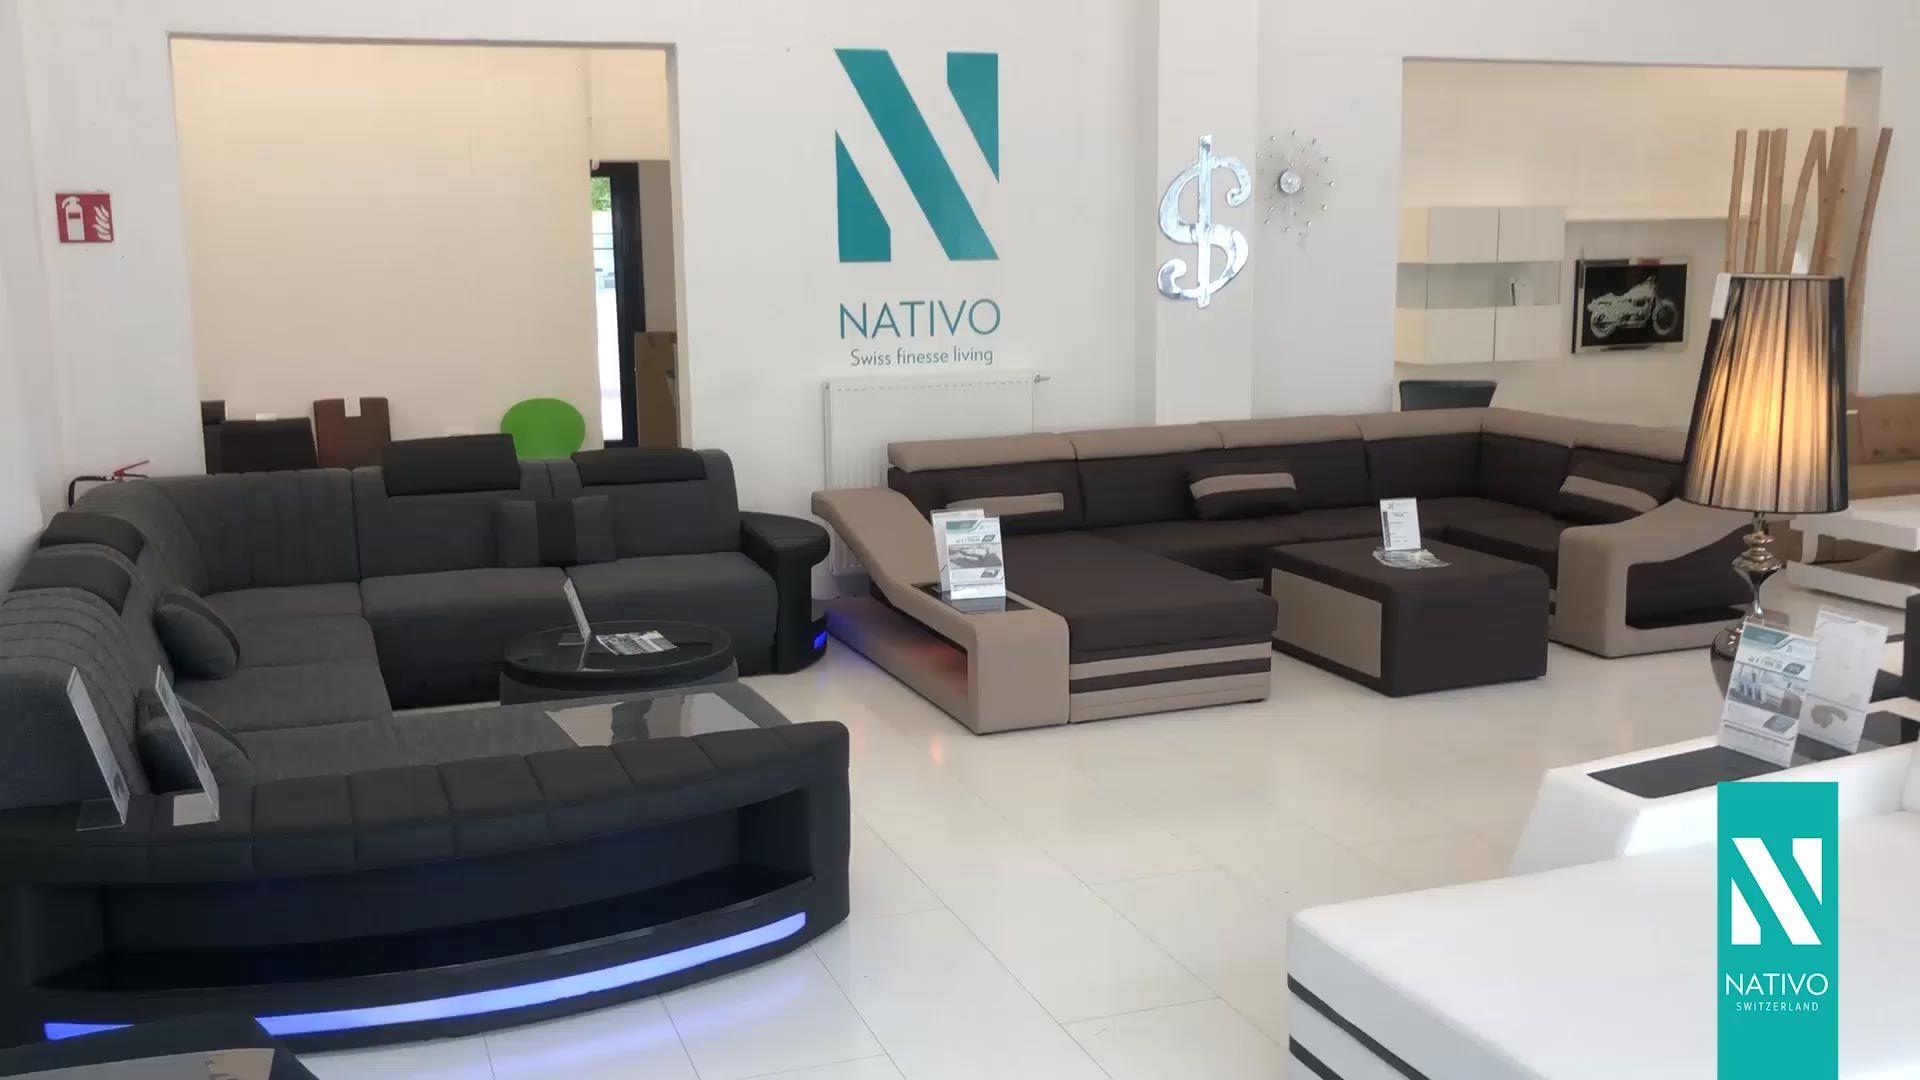 Pin By Nativo Namestaj Srbija On Salon Namestaja Nativo Srbija Video Modern Sofa Living Room Living Room Sofa Design Corner Sofa Living Room